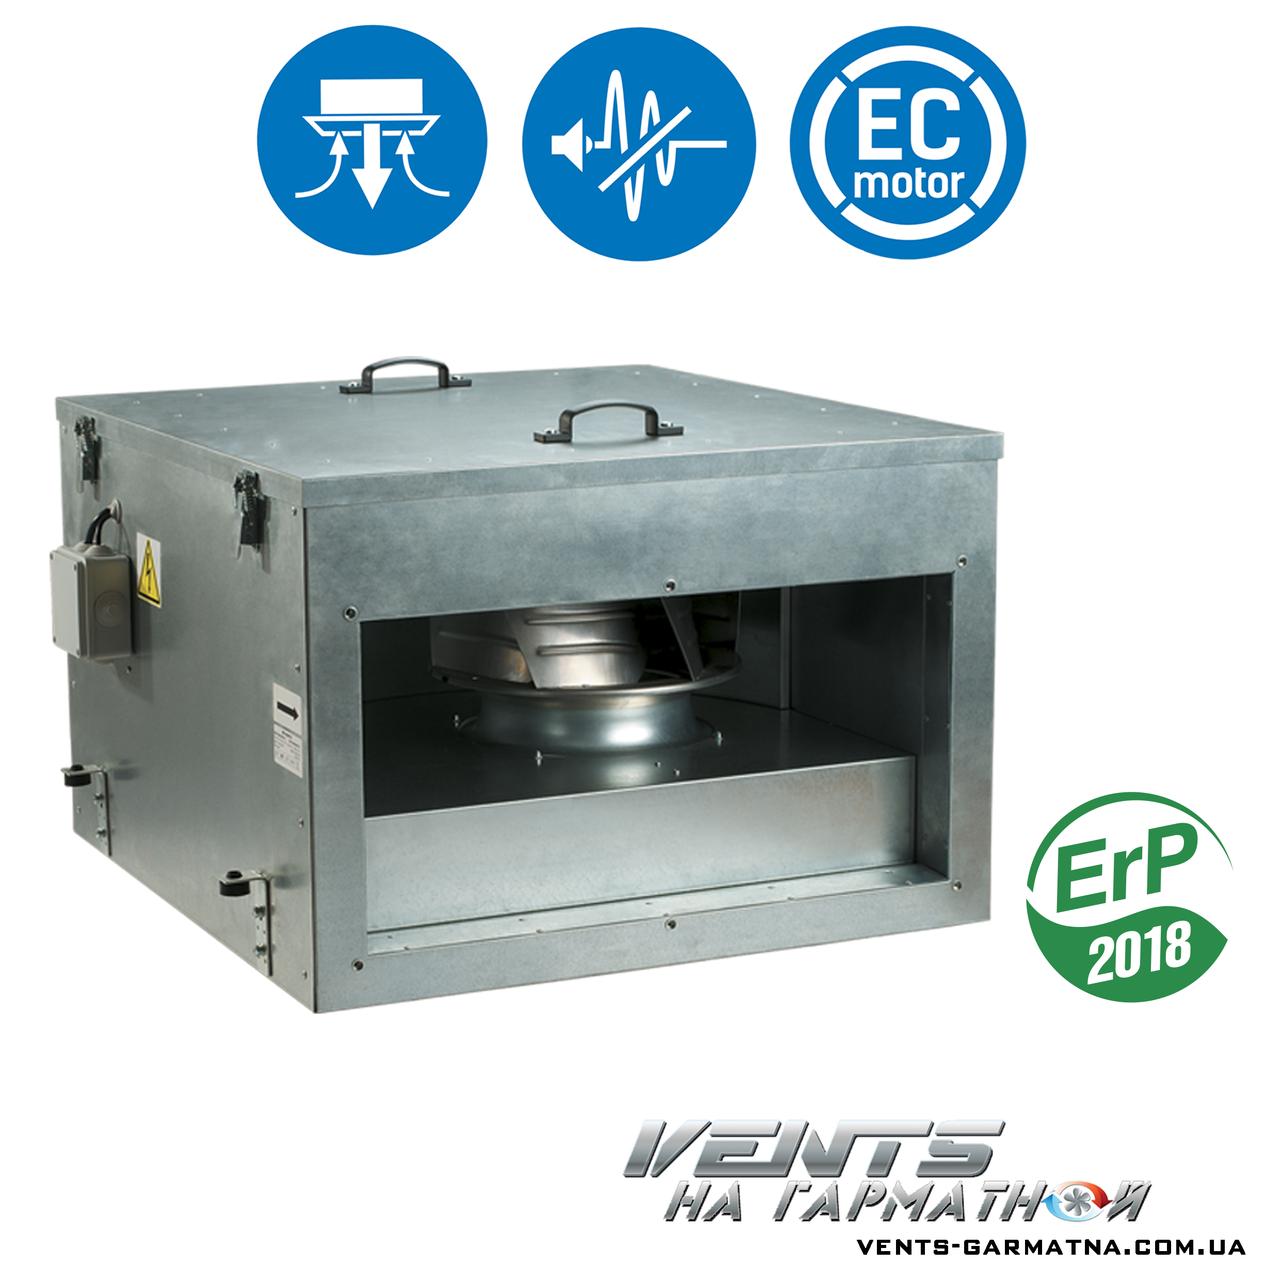 Вентс ВКПИ 600х350 ЕС. Канальный вентилятор в шумоизолированном корпусе с ЕС-мотором